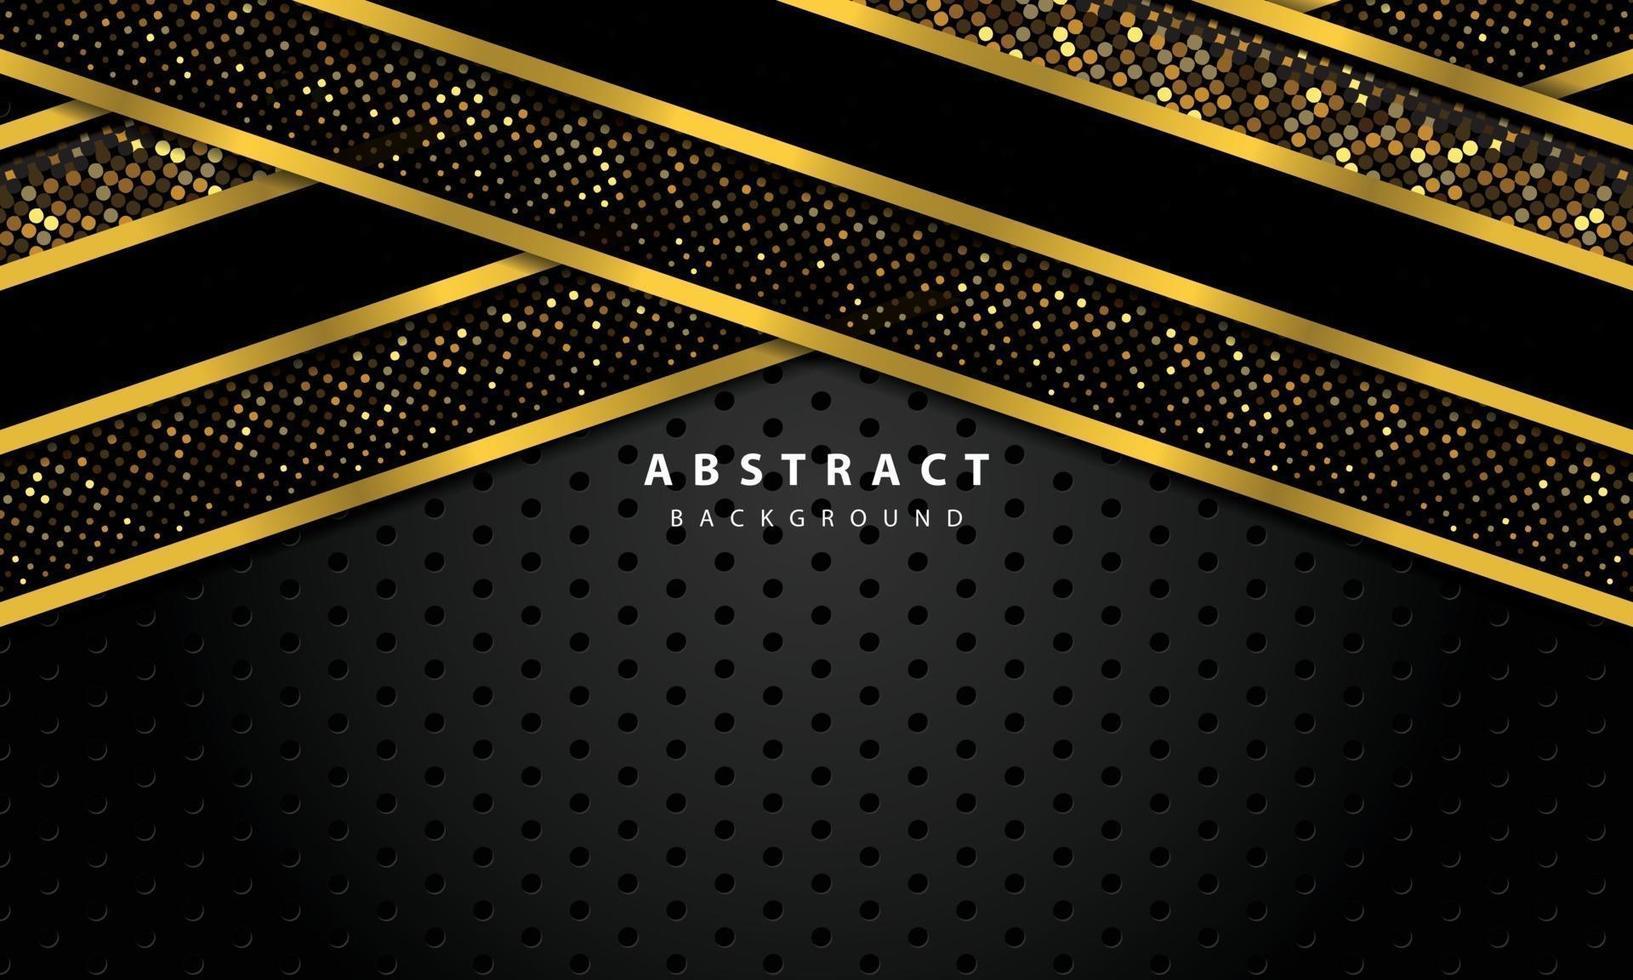 abstrakt bakgrund med svarta överlappande lager. konsistens med guldlinje och guld glitter prickar element dekoration. vektor